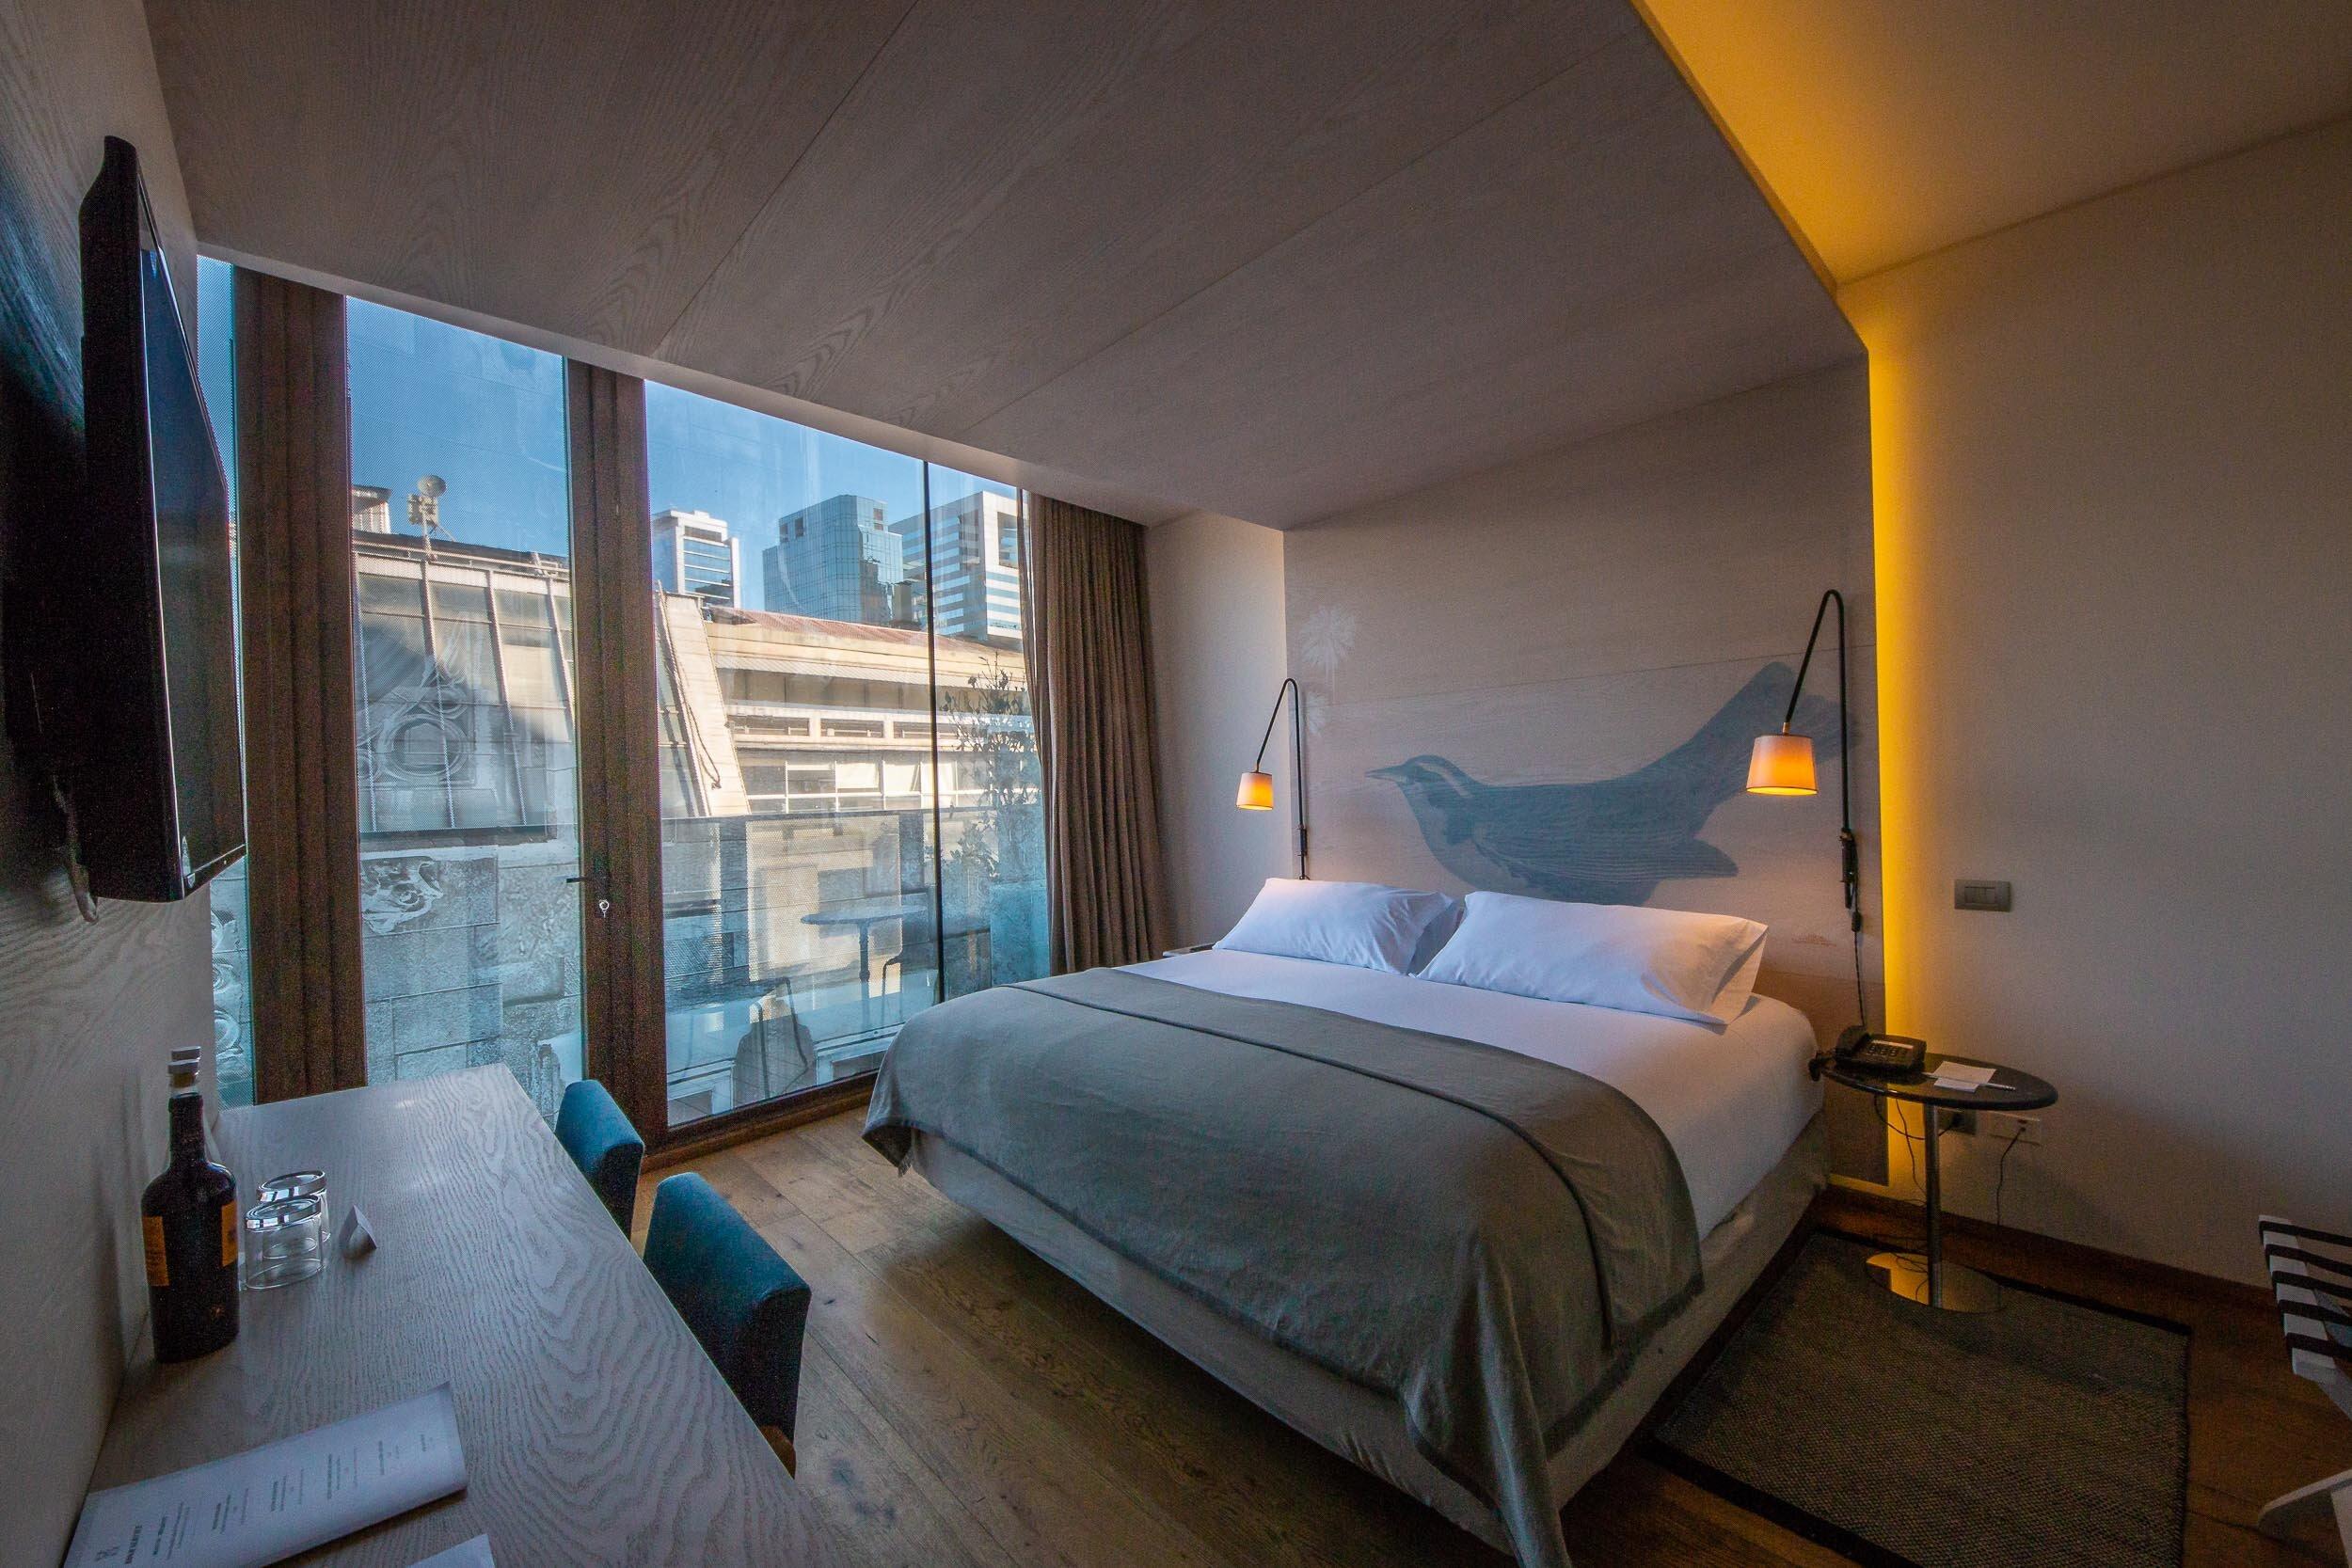 Room 65, at Hotel Magnolia, Santiago, Chile